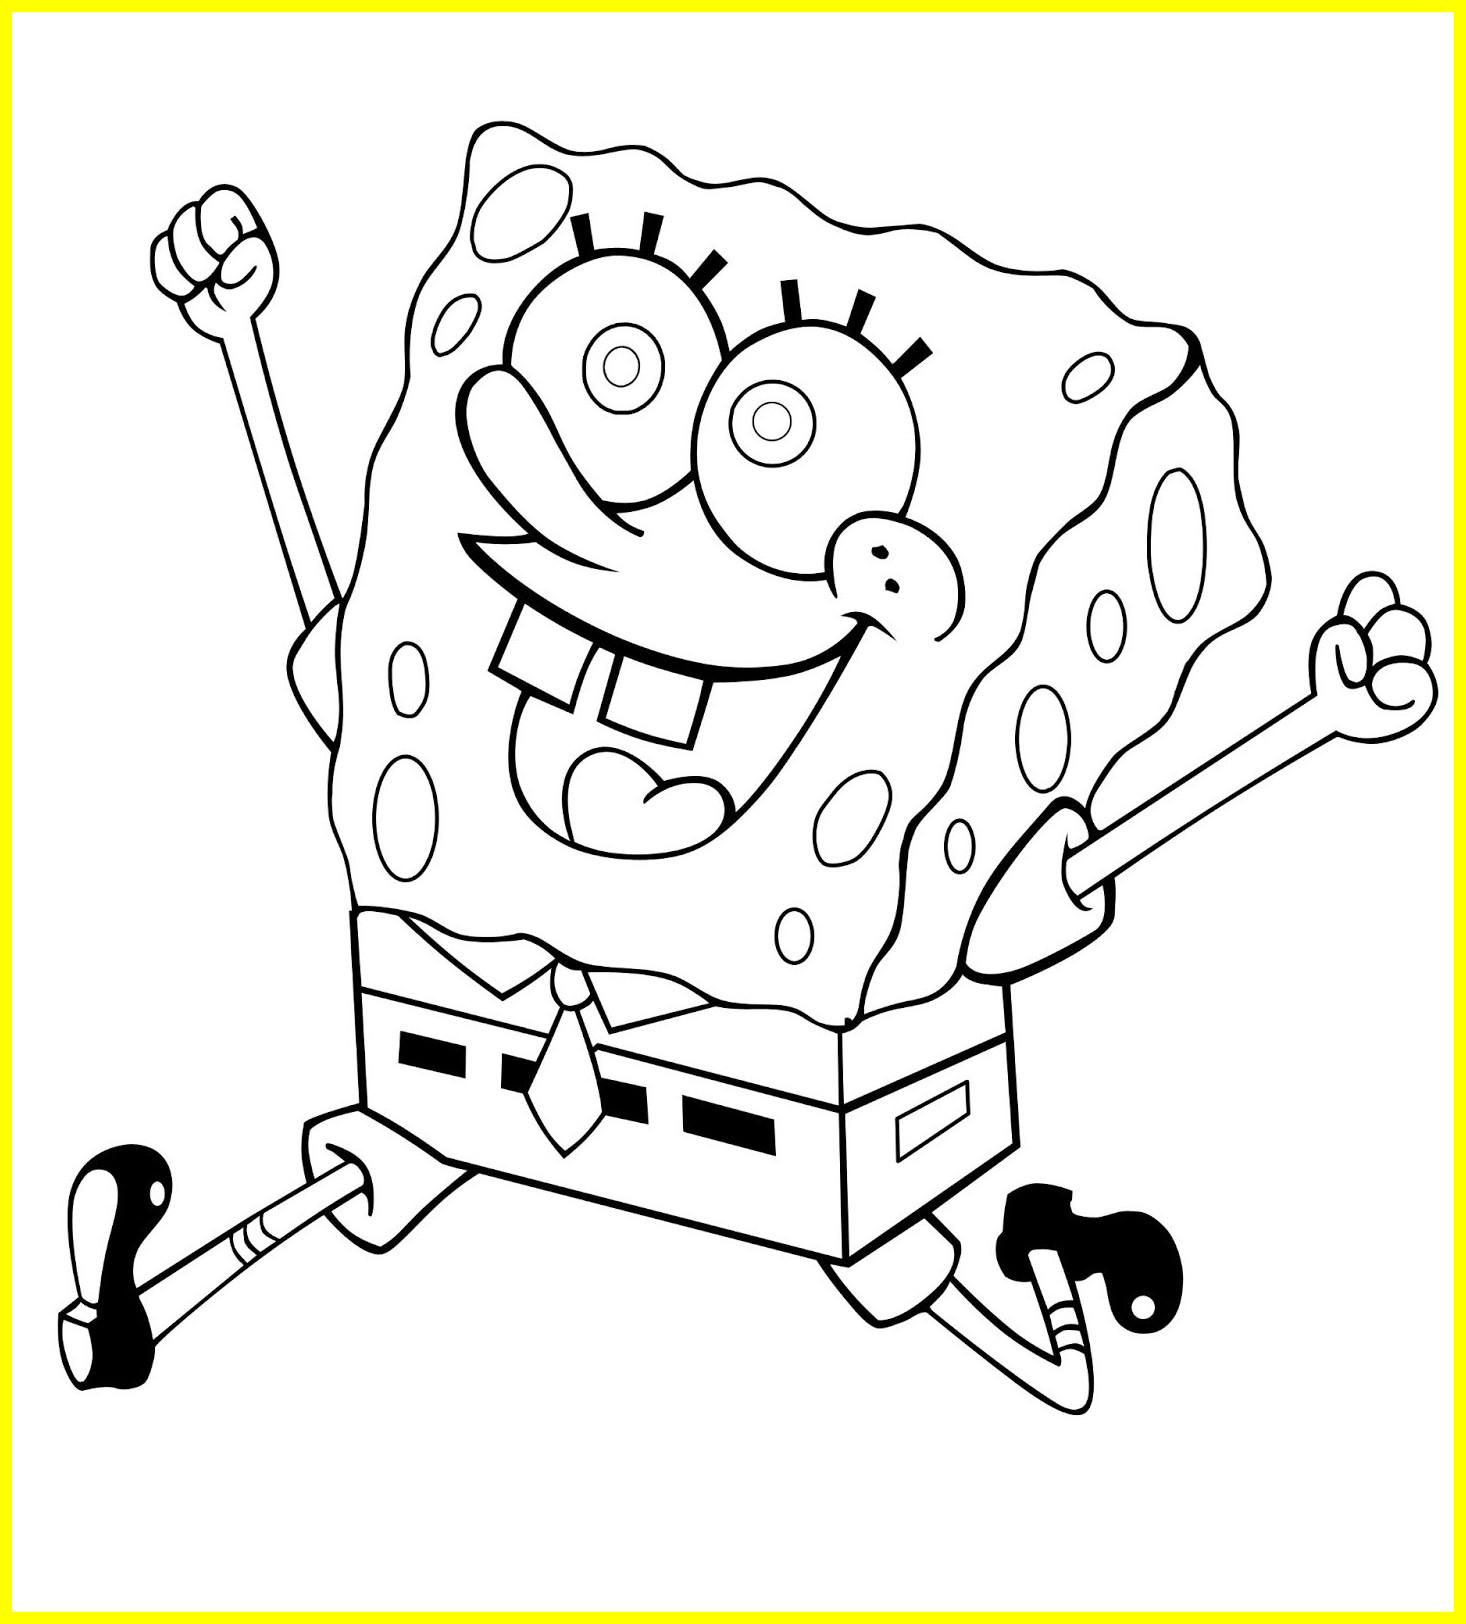 Spongebob Squarepants Coloring Pages Free at GetDrawings.com ...